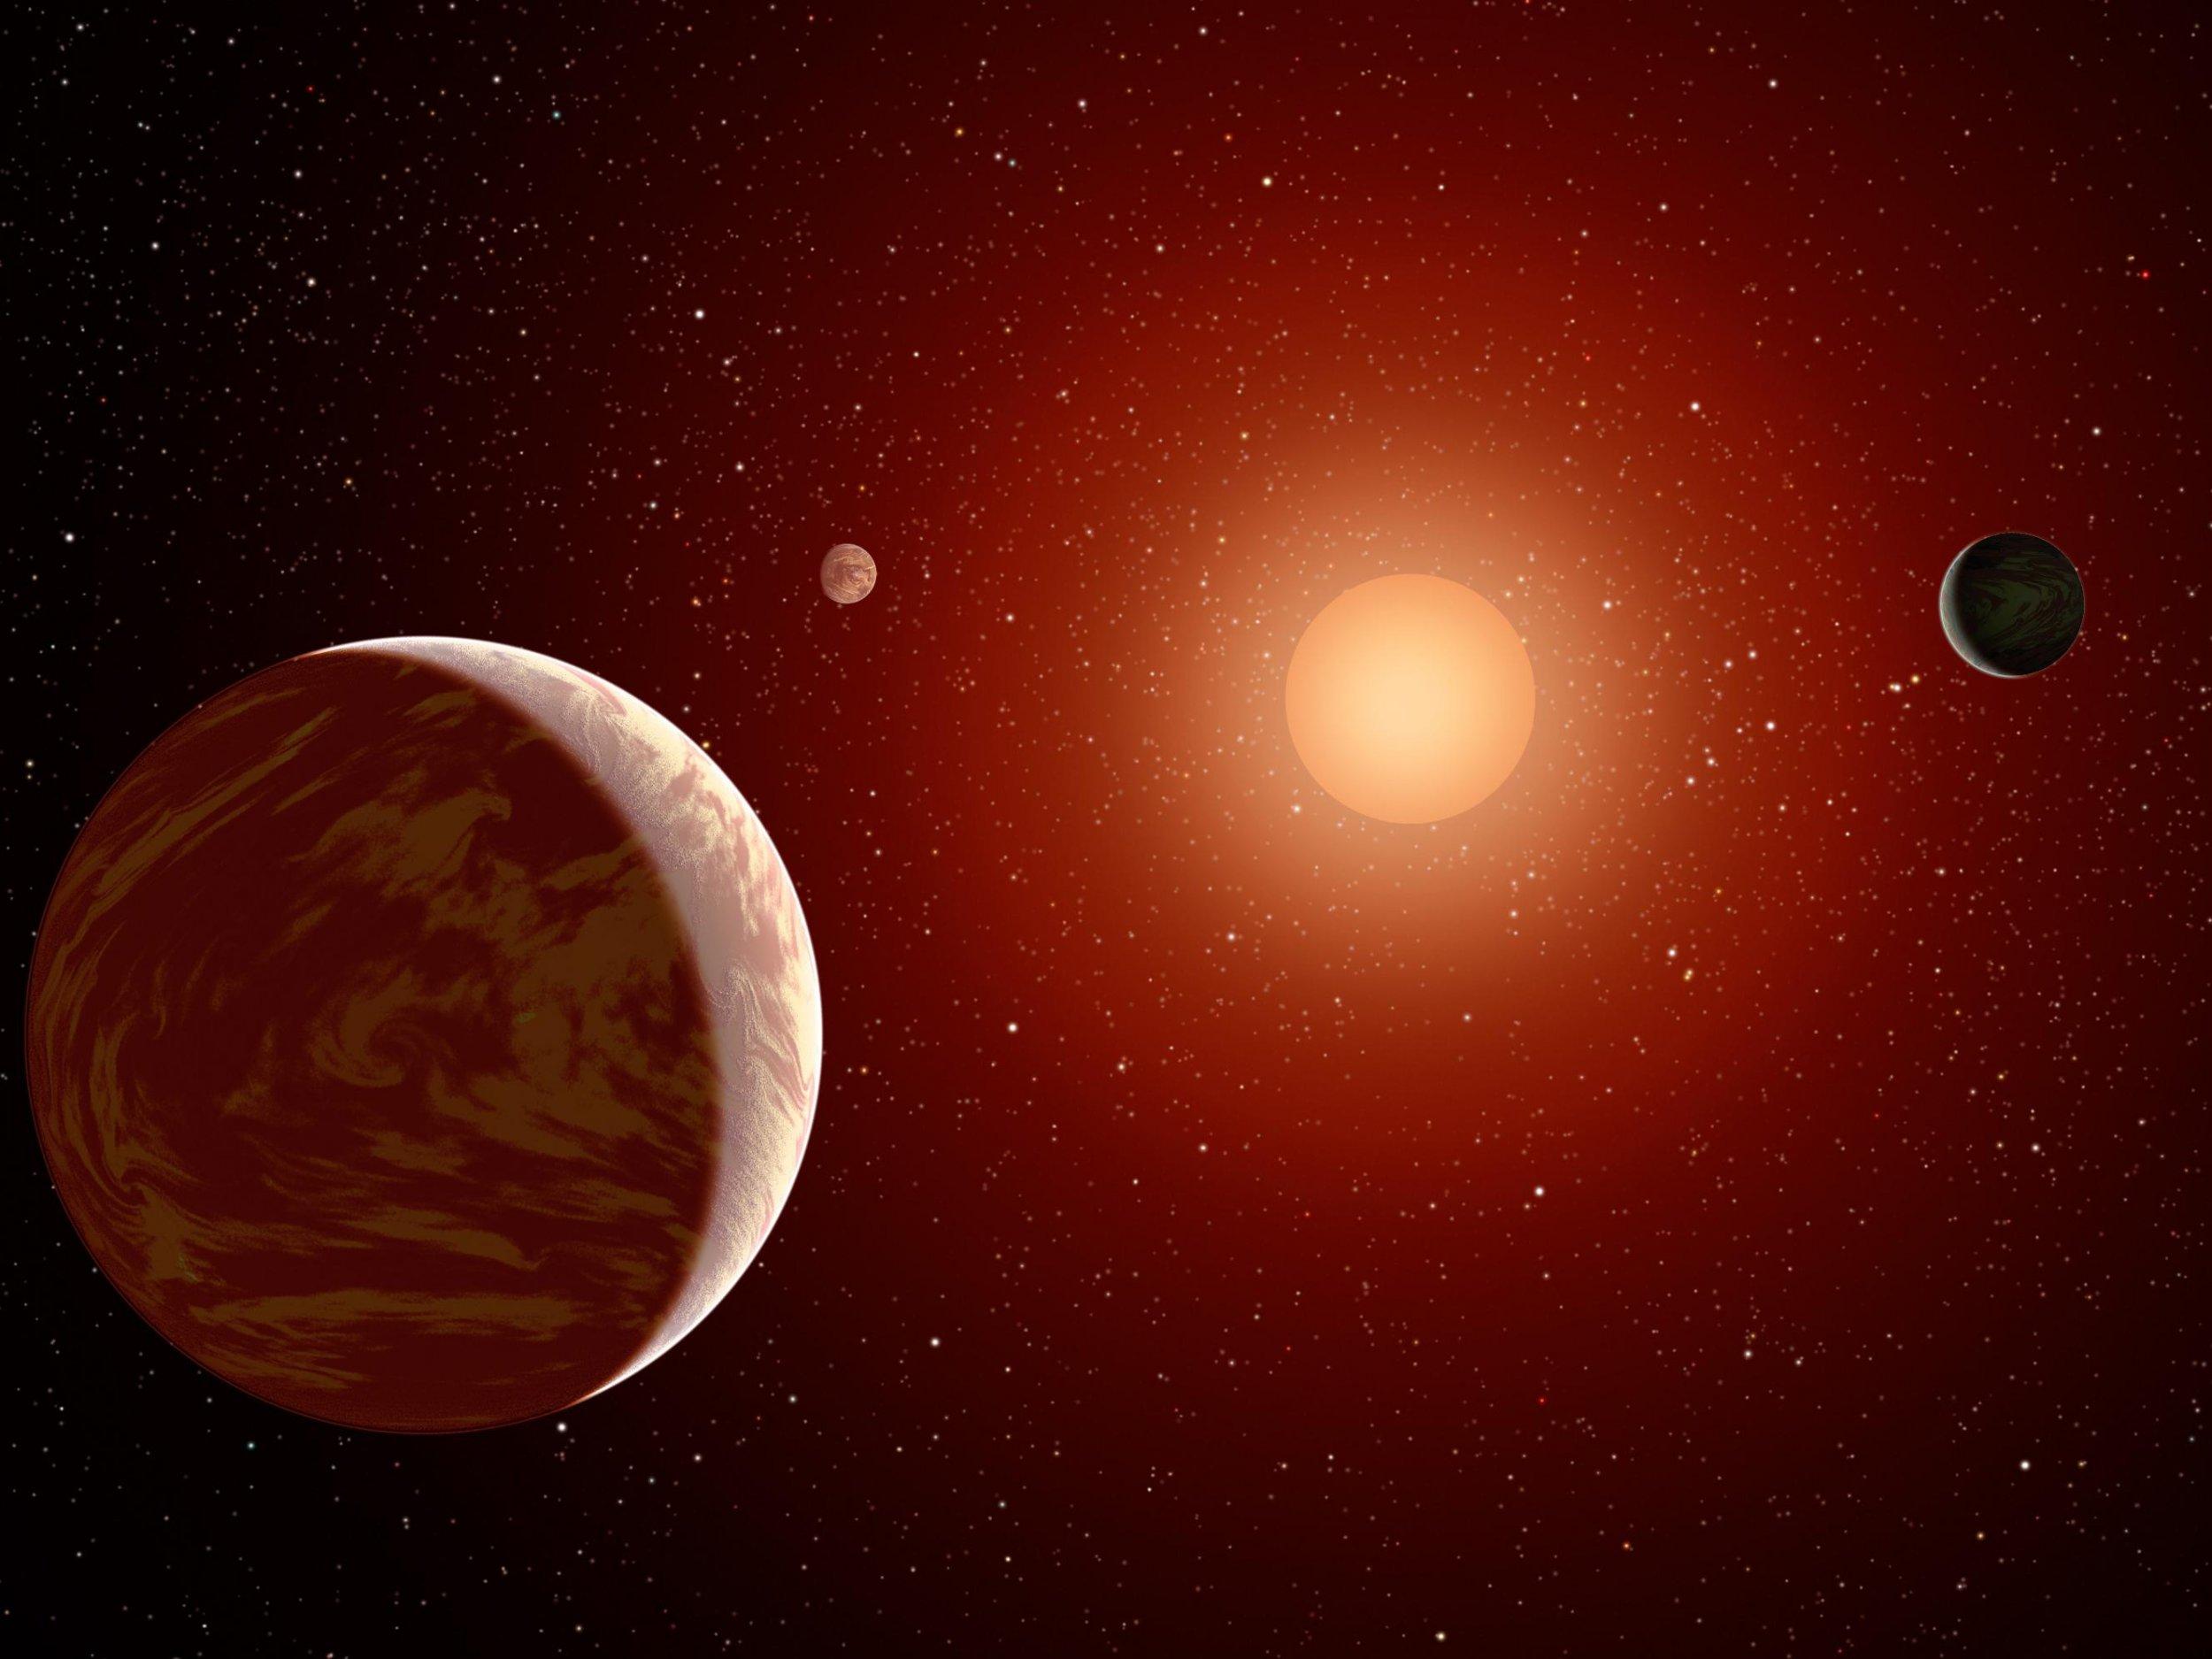 12_15_star_mass_exoplanet